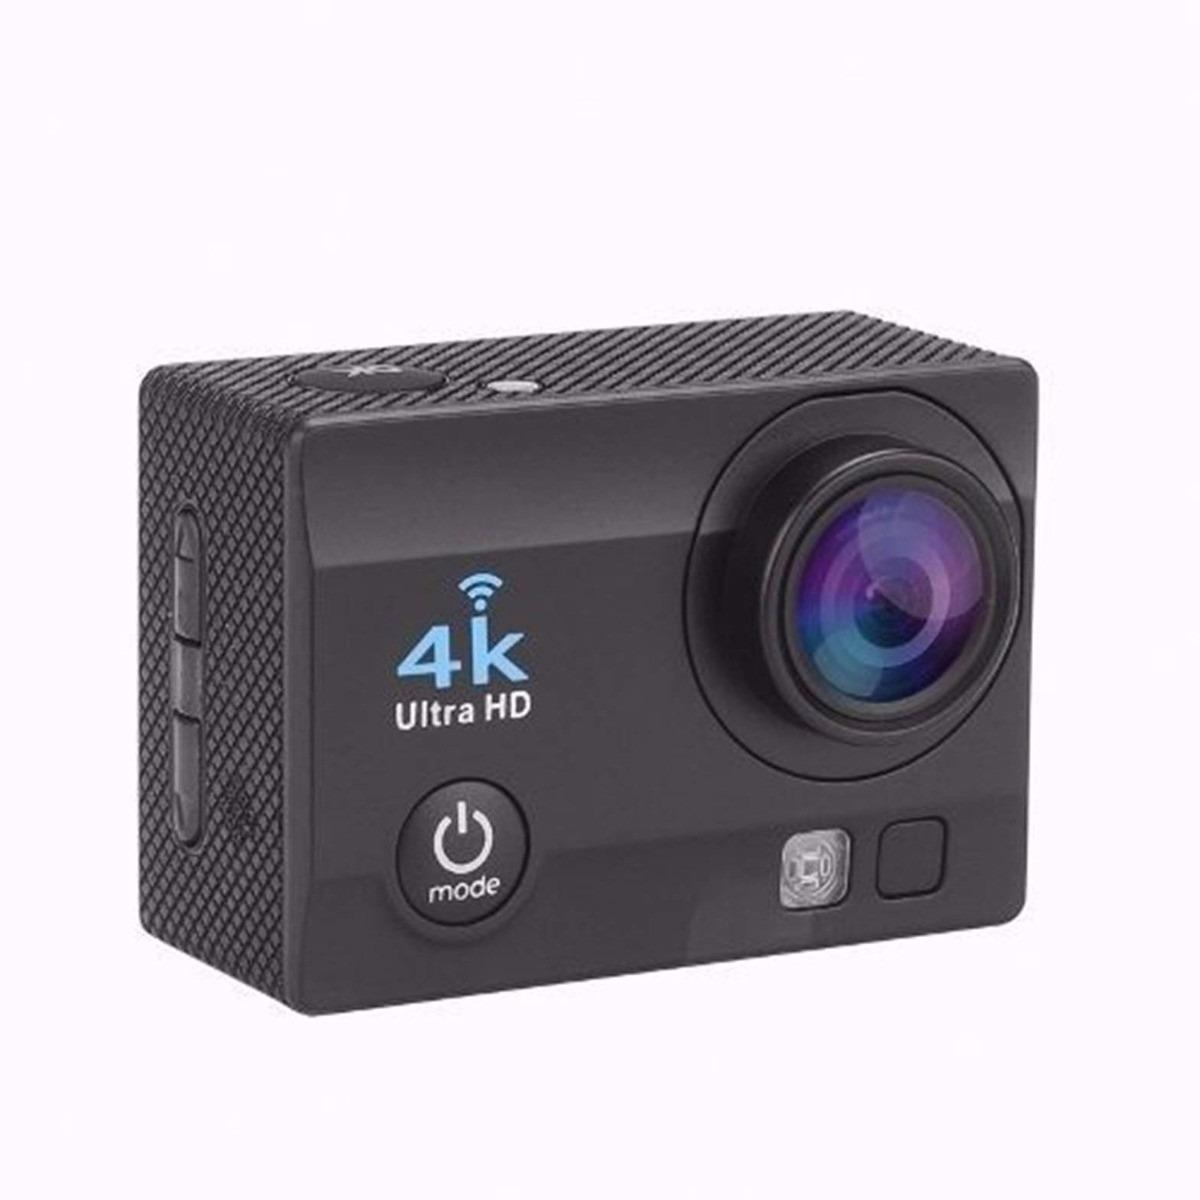 mini camera filmadora full hd 4k hd filma hd prova d 39 agua. Black Bedroom Furniture Sets. Home Design Ideas